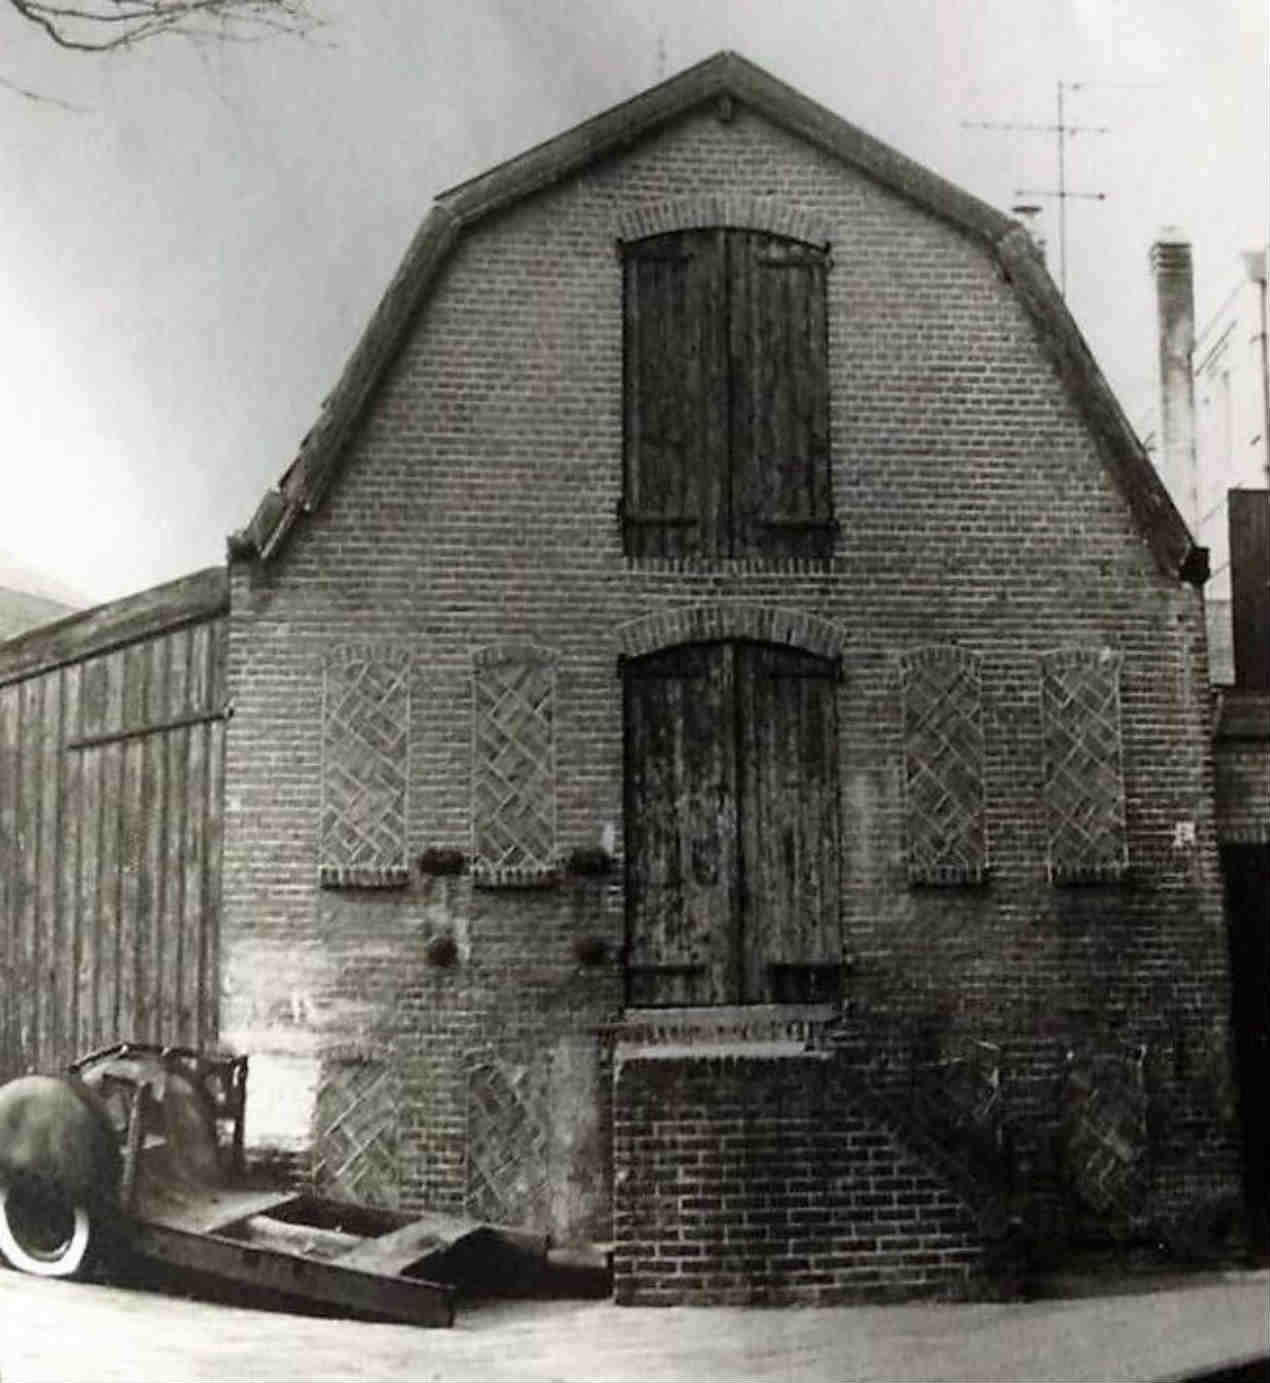 Afbeelding Dierfysiotherapie in Dongen | Het oude pakhuis